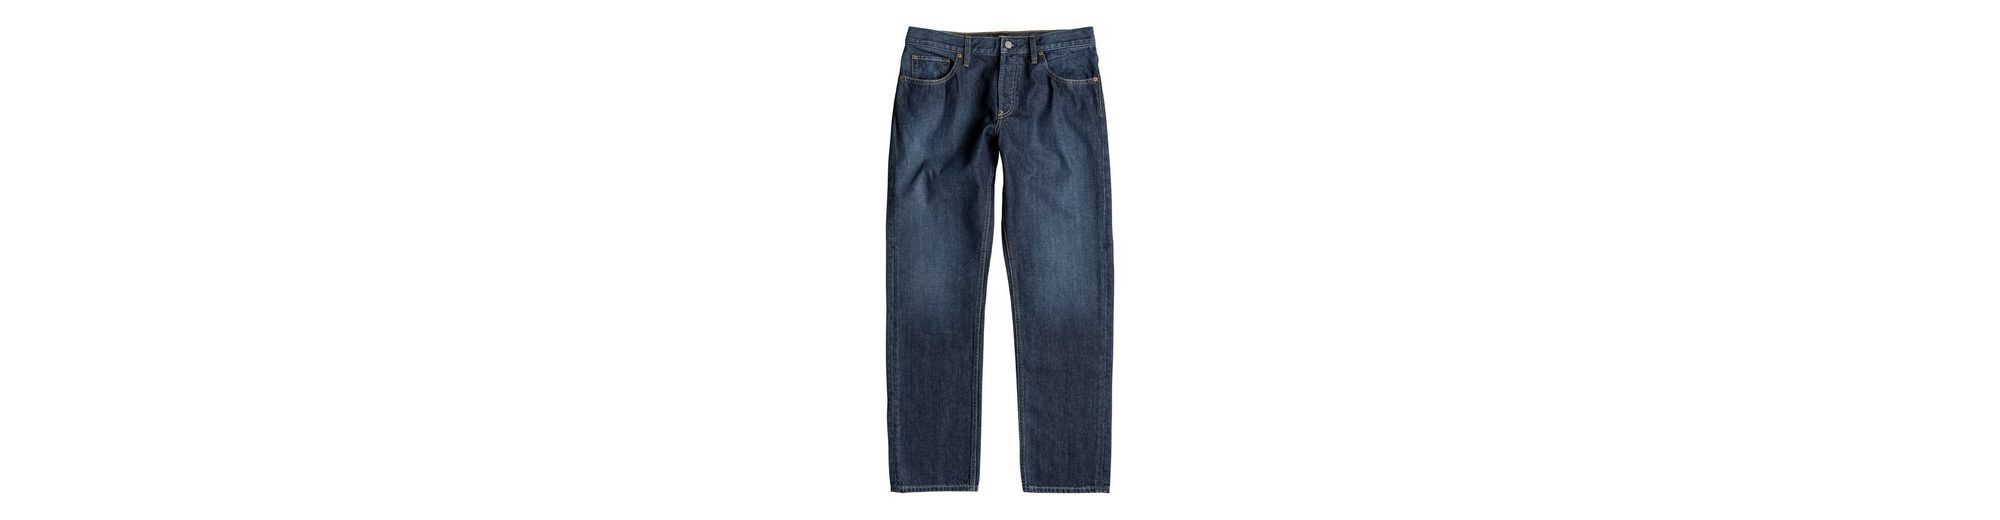 Mit Paypal Günstig Online Ausgezeichnete Online-Verkauf DC Shoes Roomy Fit Jeans Worker Roomy Stone Wash - Roomy Fit Jeans Auslass Perfekt Online-Shopping Günstig Online ZfkgzQF7eH